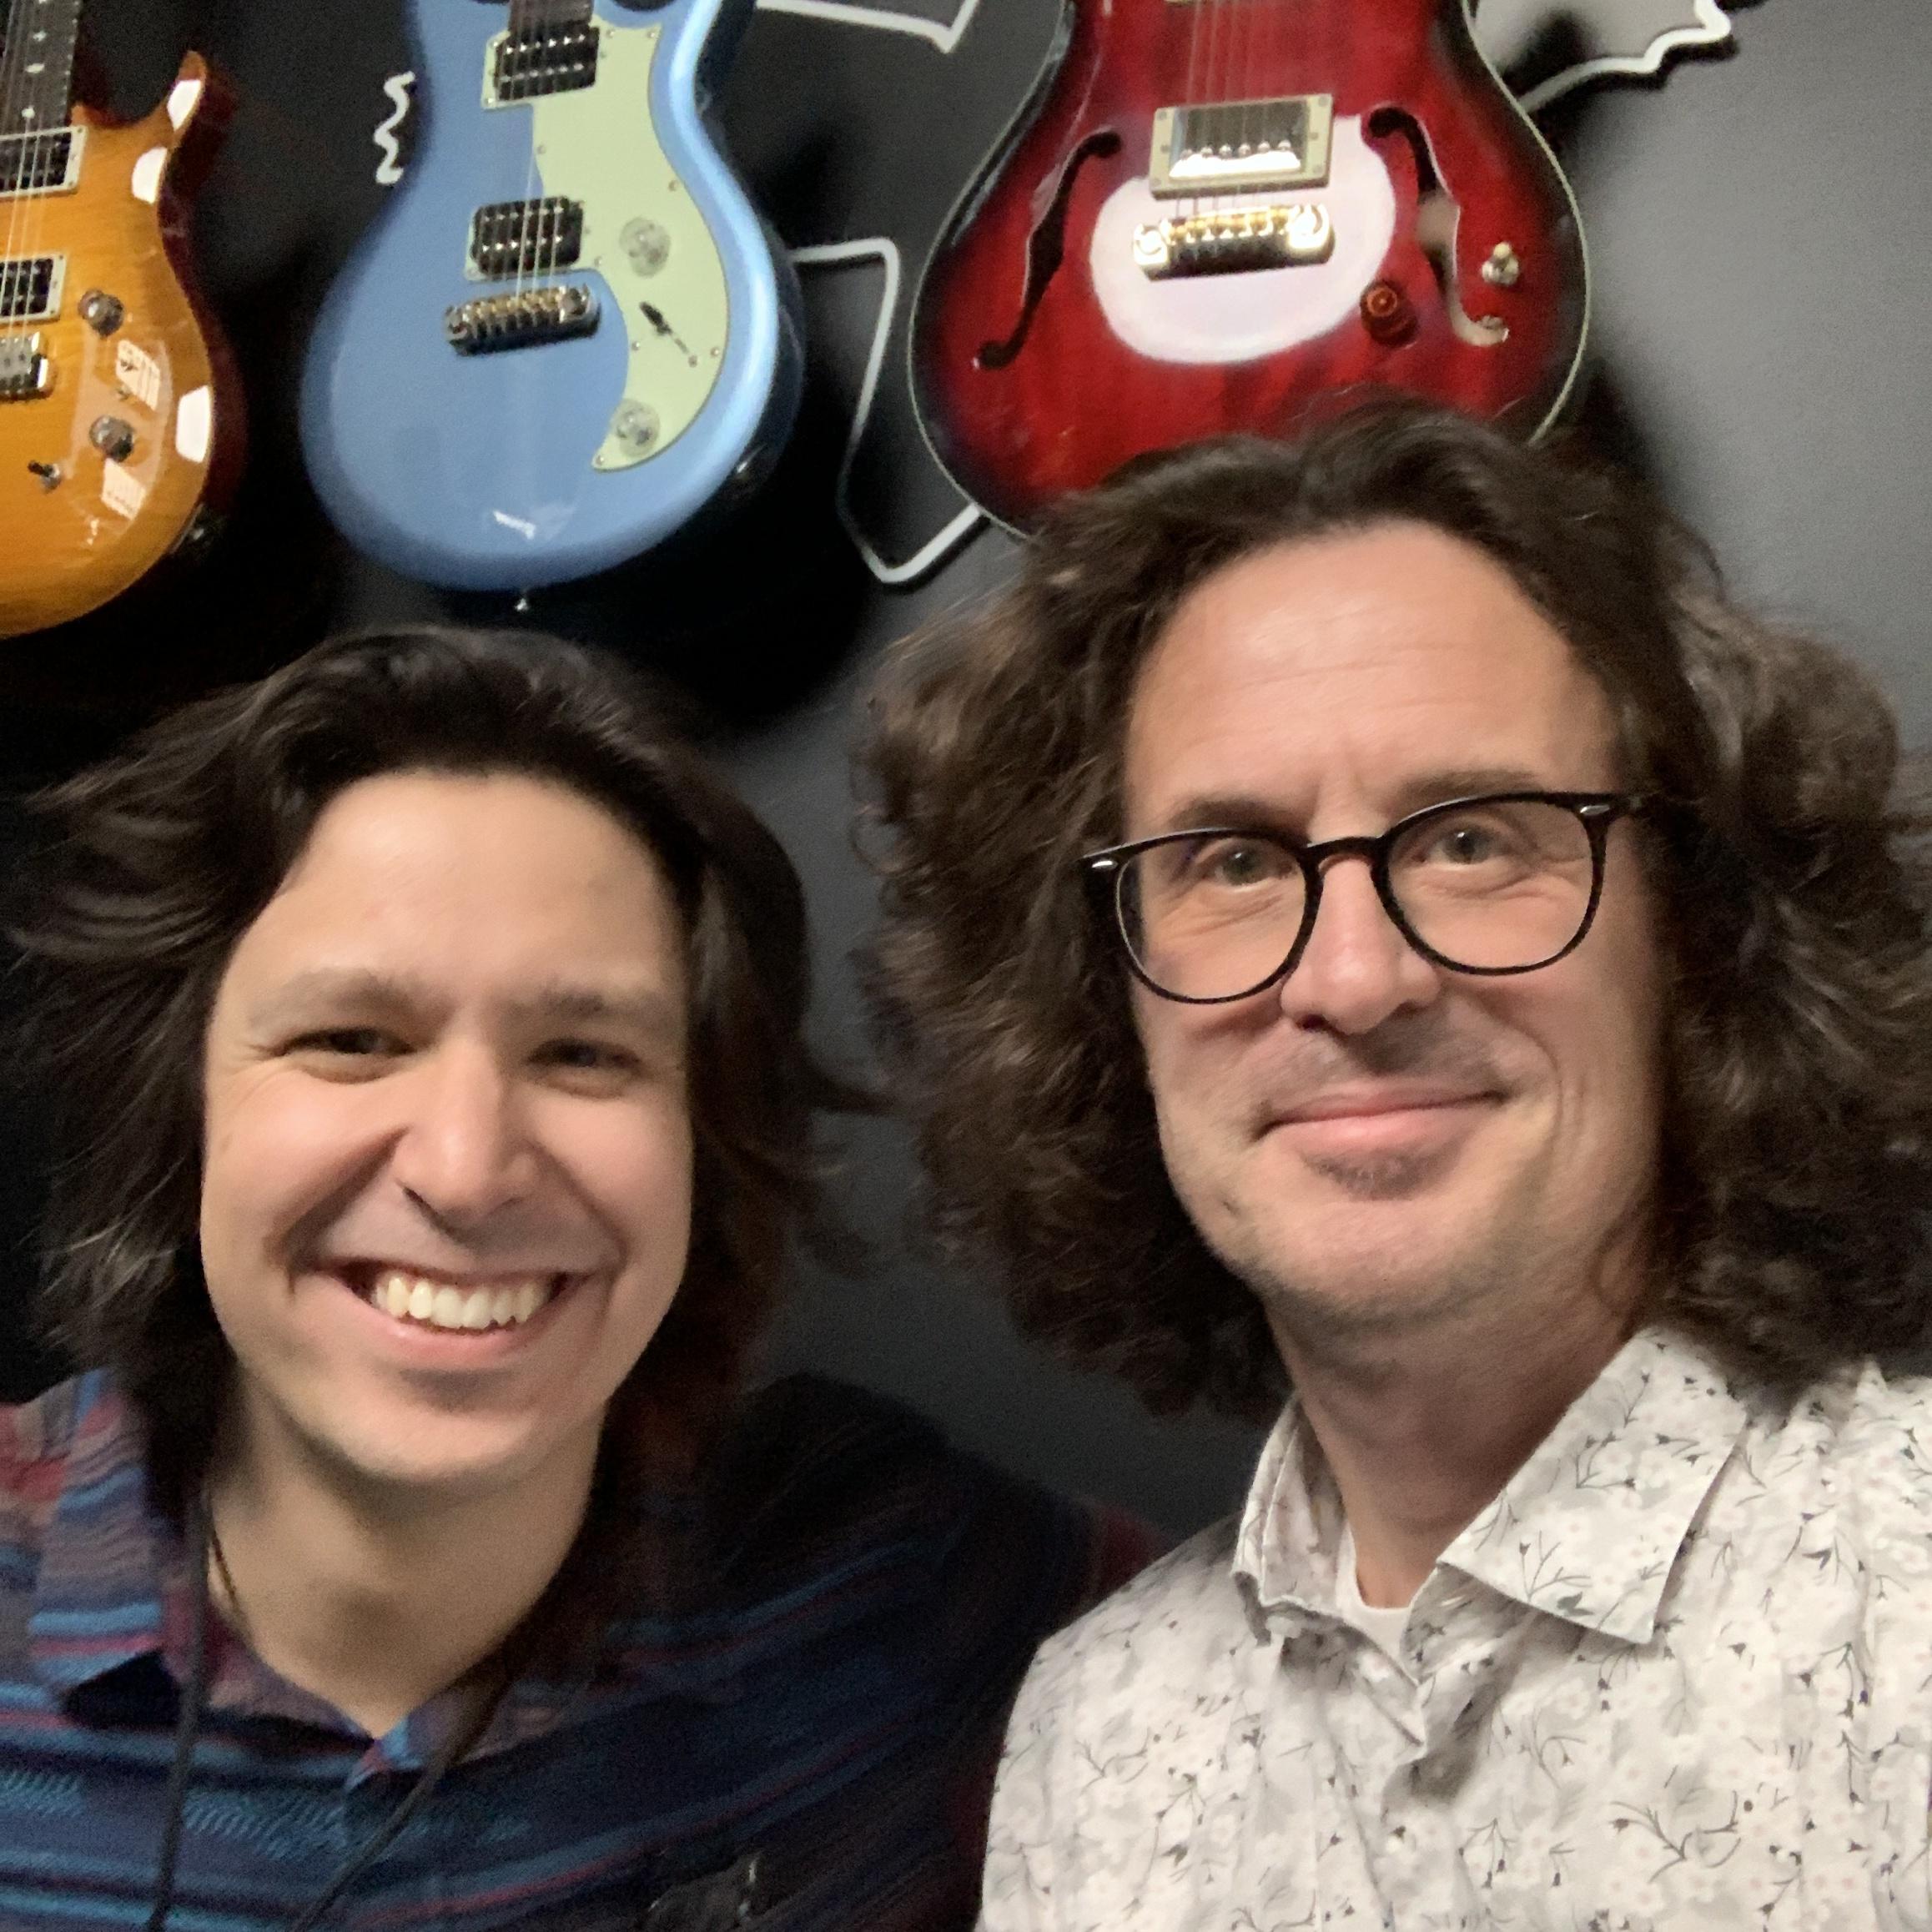 Interview guitare PRS Silver Sky à la main avec Davy Knowles lors du NAMM 2020